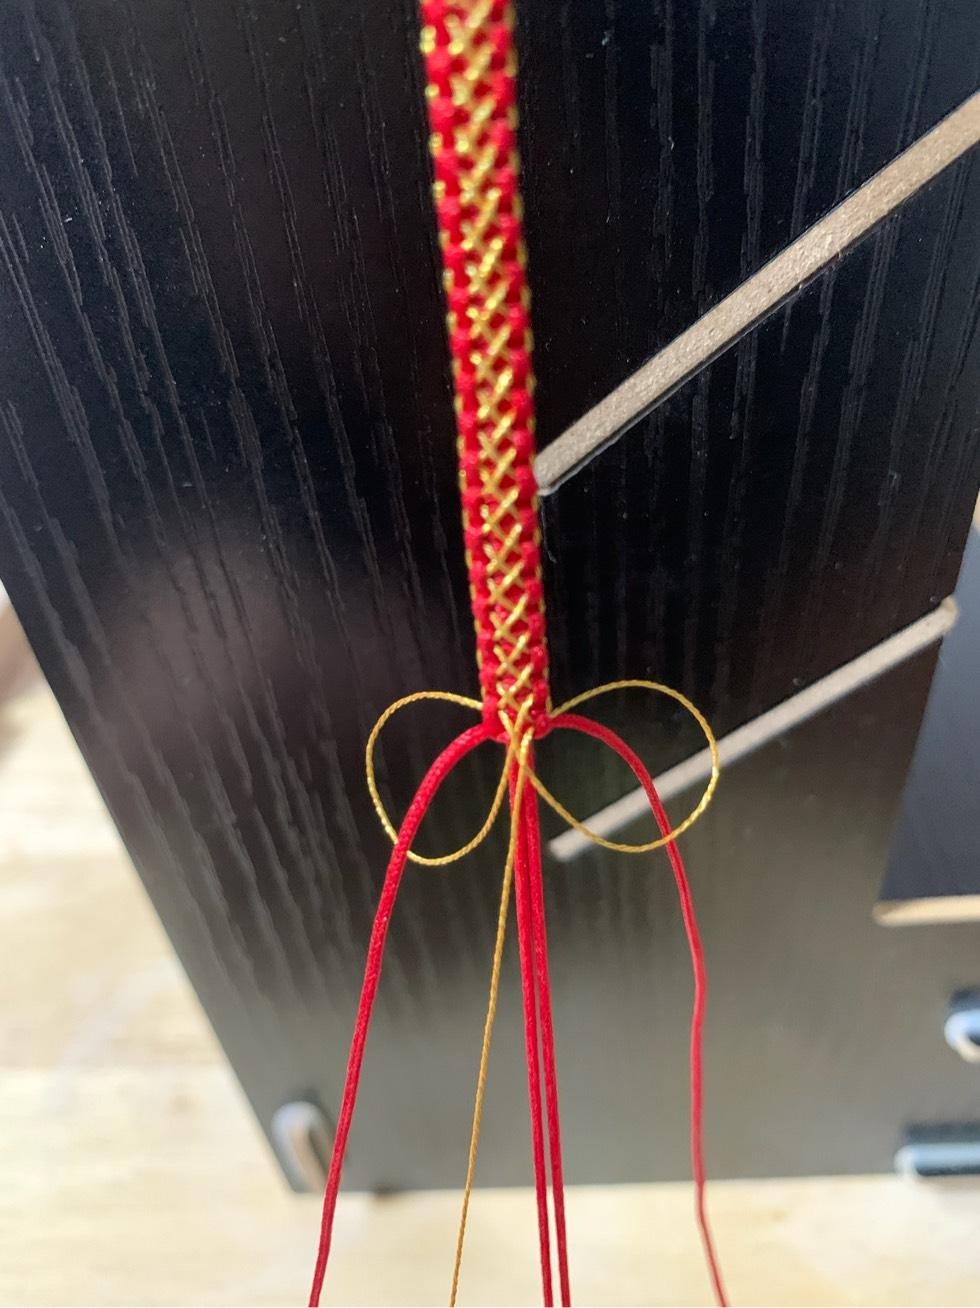 中国结论坛 平结加金线手绳简单编法 一根绳子编法大全简单,金线红绳手链编织,二根绳子各种编法图解,平结加金线的编法,绕金线手链编法 图文教程区 205451ojainahjqqll2rmr